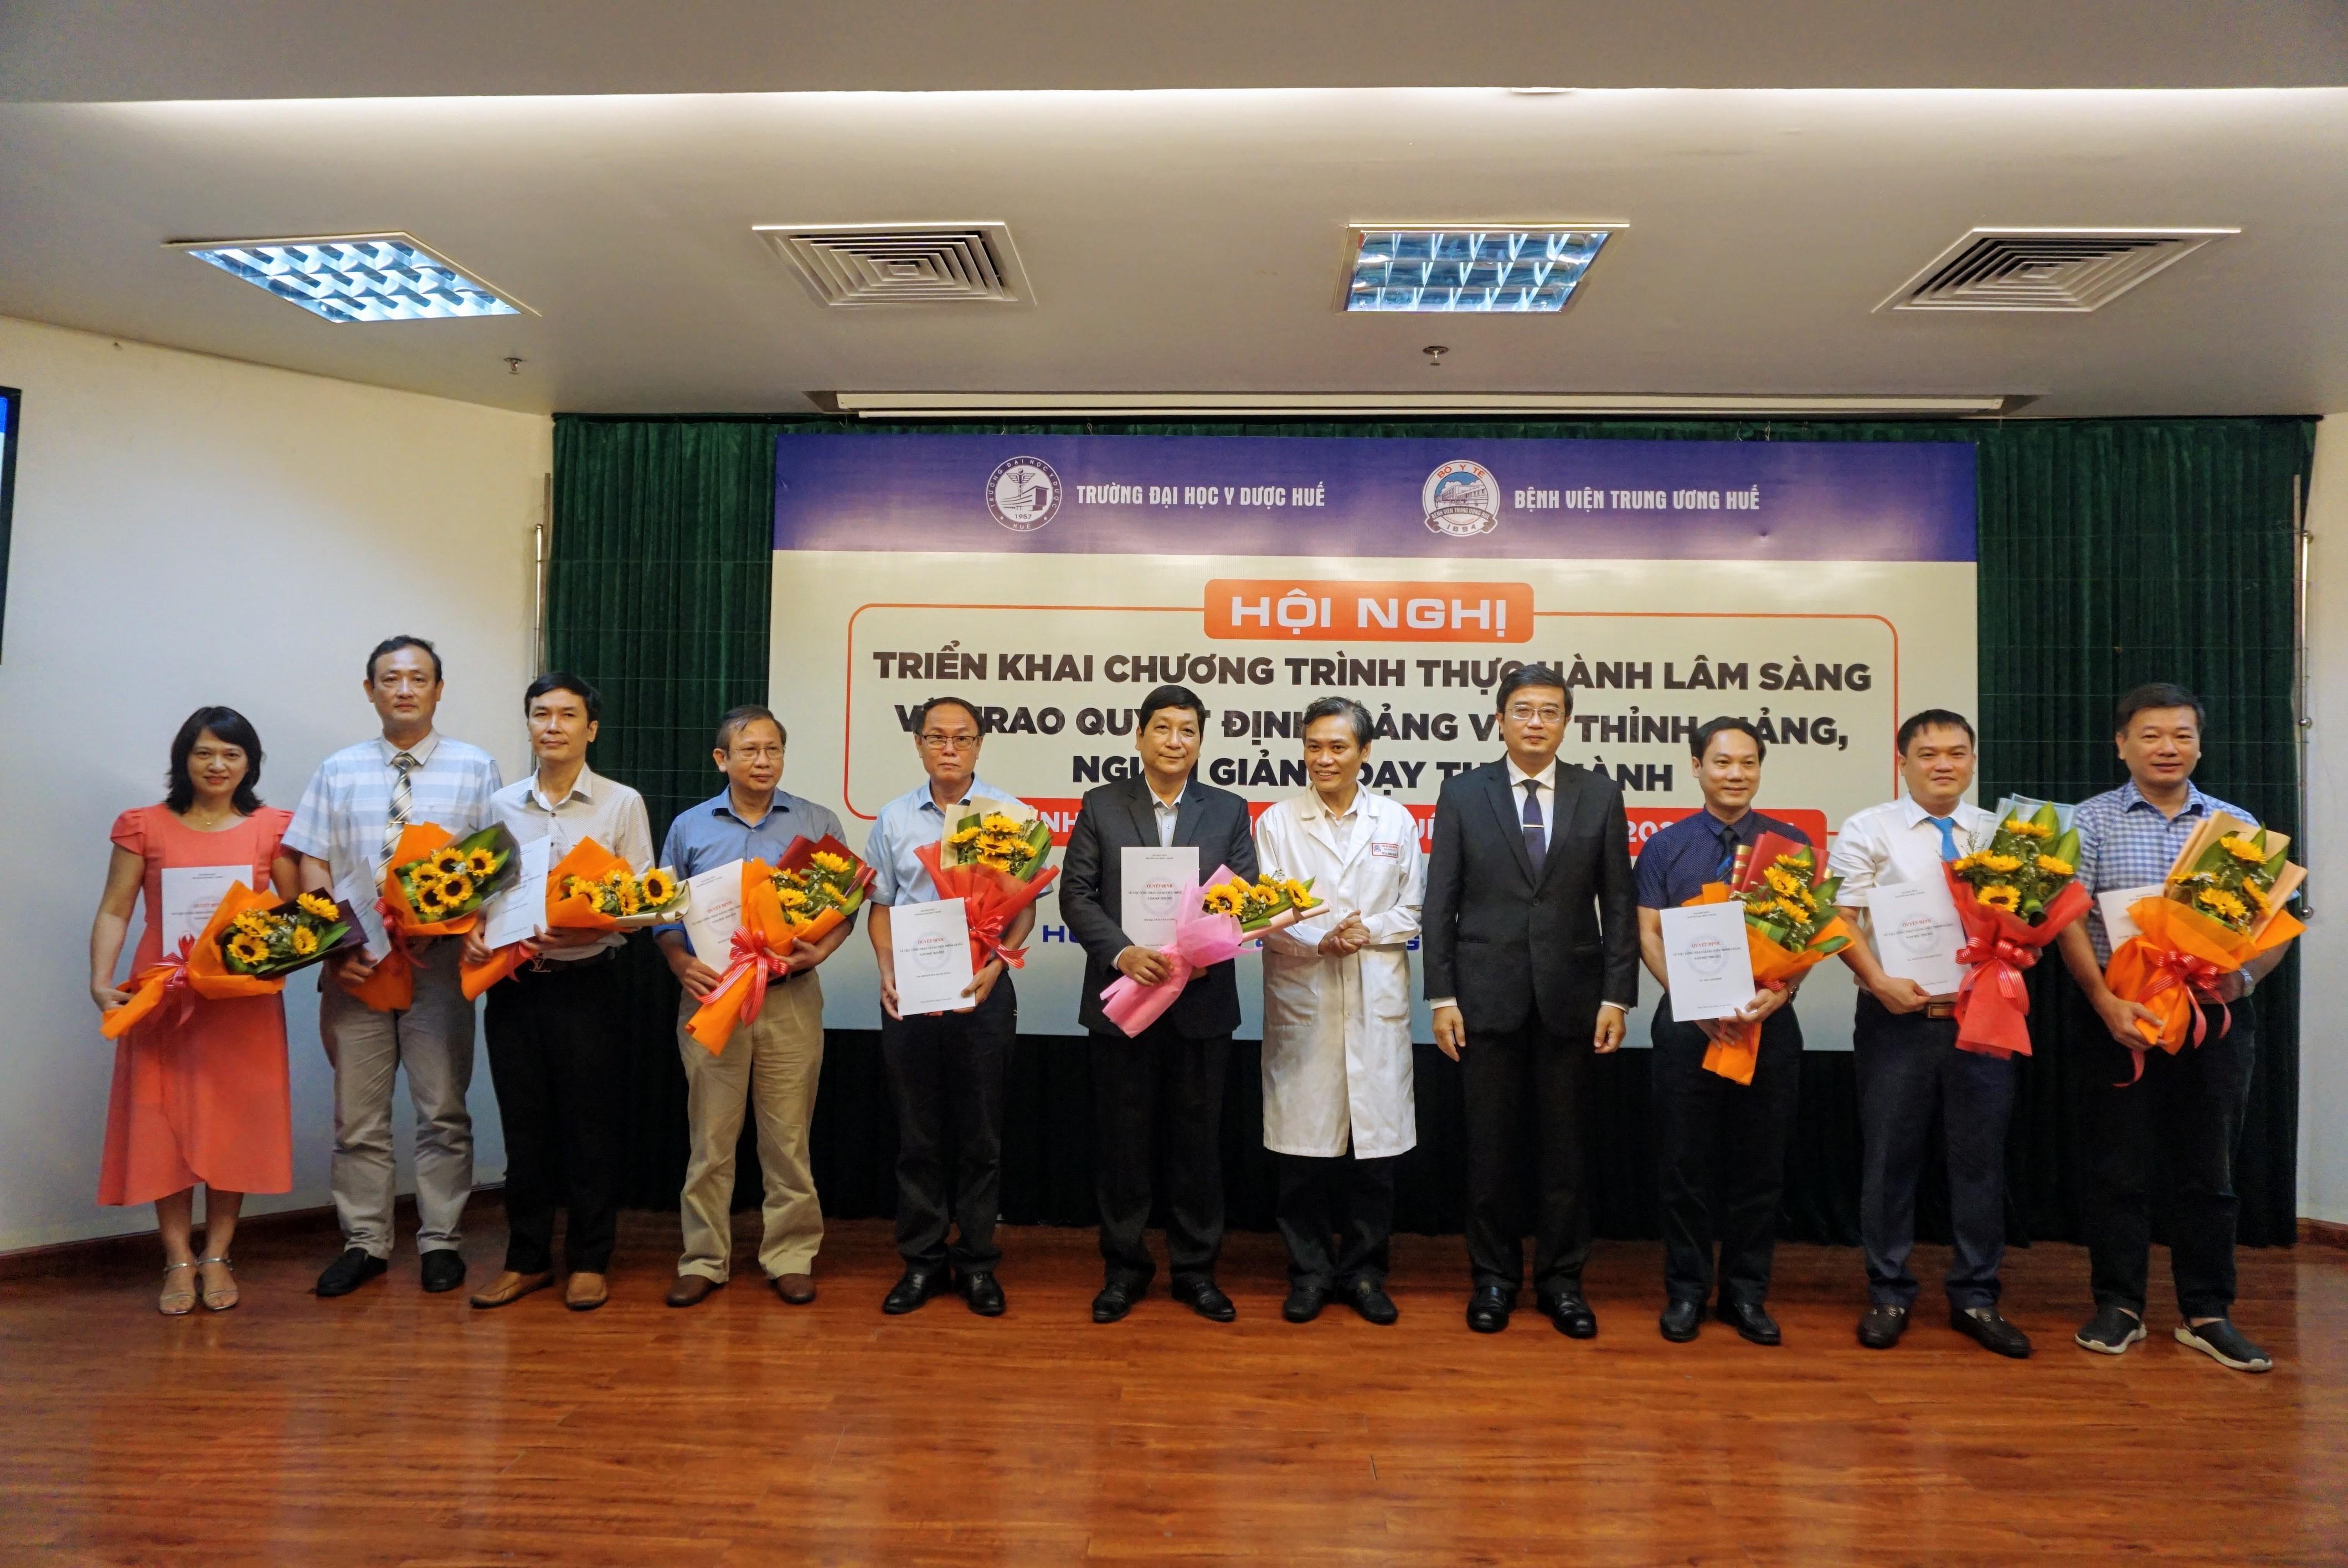 Hội nghị triển khai chương trình thực hành lâm sàng và trao quyết định giảng viên thỉnh giảng, người hướng dẫn thực hành tại Bệnh viện TW Huế